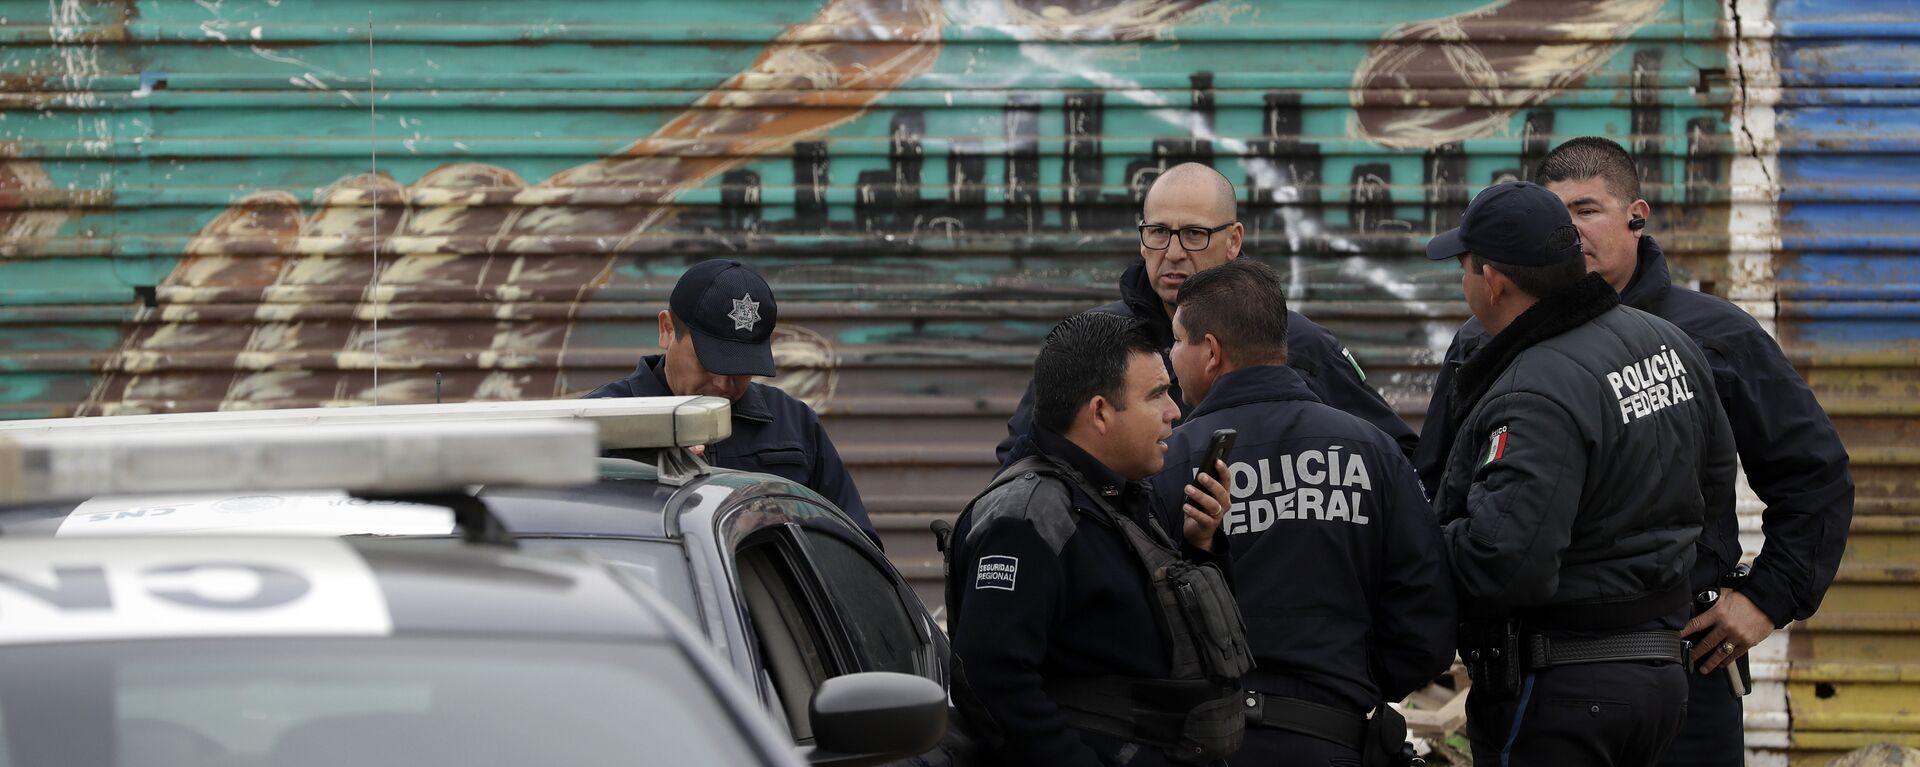 La Policía Federal de México - Sputnik Mundo, 1920, 29.03.2021